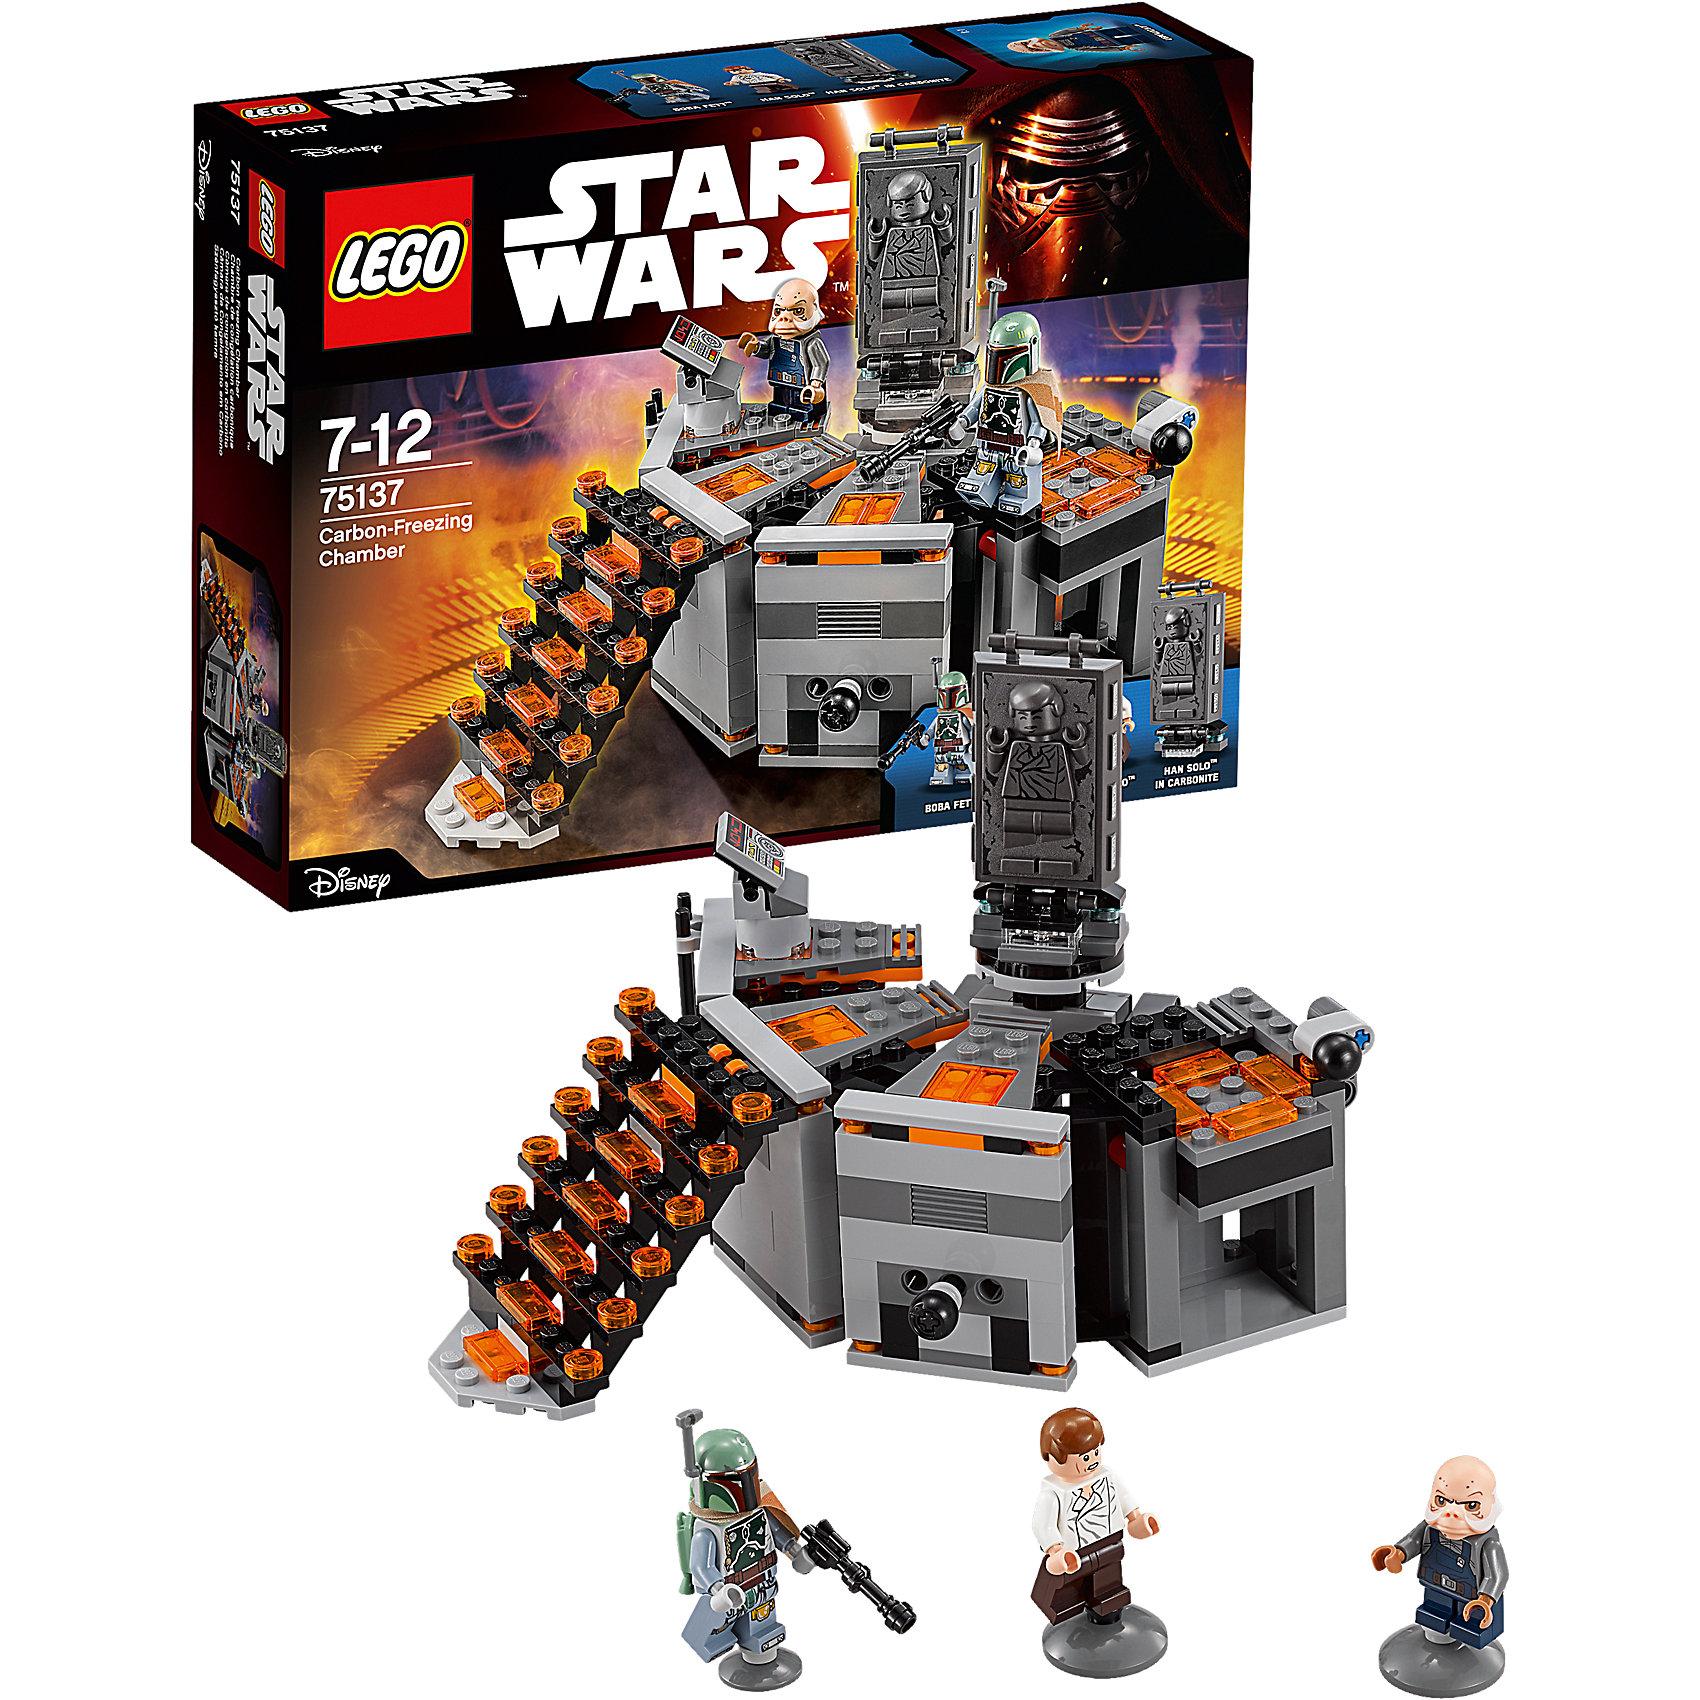 LEGO Star Wars 75137: Камера карбонитной заморозкиИгрушки<br>LEGO Star Wars (ЛЕГО Звездные войны) 75137: Камера карбонитной заморозки станет прекрасным подарком для всех поклонников знаменитой киносаги. Хан Соло попался в руки охотника за головами Бобы Фетта, который давно разыскивал его по приказу Джаббы. Его доставили в камеру карбонитной заморозки и собираются заморозить в блок твердого карбонита! Помоги ему победить Бобу Фетта и бежать. Модель ЛЕГО очень похожа на свой прототип из пятого эпизода Звездных войн. Камера состоит из нескольких частей, которые можно сдвигать и раздвигать. На верхней площадке расположена панель управления, а посередине находится подвижный карбонитный блок с замороженным Ханом Соло. В комплект также входят 3 минифигурки: Боба Фетт, Хан Соло и угнот. <br> <br>Все конструкторы серии ЛЕГО Звездные войны созданы по мотивам знаменитой киносаги Звездные войны и воспроизводят самые популярные сюжеты и эпизоды фильма. В наборах представлены все основные средства вооружения и боевые единицы, задействованные в фильме.<br>Фантастические истребители, машины, роботы, оружие, фигурки персонажей выполнены очень реалистично, с высокой степенью детализации.<br><br>Дополнительная информация:<br><br>- Игра с конструктором LEGO (ЛЕГО) развивает мелкую моторику ребенка, фантазию и воображение, учит его усидчивости и внимательности.<br>- Количество деталей: 231.<br>- Количество минифигур: 3.<br>- Серия: LEGO Star Wars (ЛЕГО Звездные войны).<br>- Материал: пластик.<br>- Размер упаковки: 26 х 6 х 19 см.<br>- Вес: 0,35 кг.<br><br>Конструктор LEGO Star Wars (ЛЕГО Звездные войны) 75137: Камера карбонитной заморозки можно купить в нашем интернет-магазине.<br><br>Ширина мм: 264<br>Глубина мм: 190<br>Высота мм: 60<br>Вес г: 360<br>Возраст от месяцев: 84<br>Возраст до месяцев: 144<br>Пол: Мужской<br>Возраст: Детский<br>SKU: 4259066